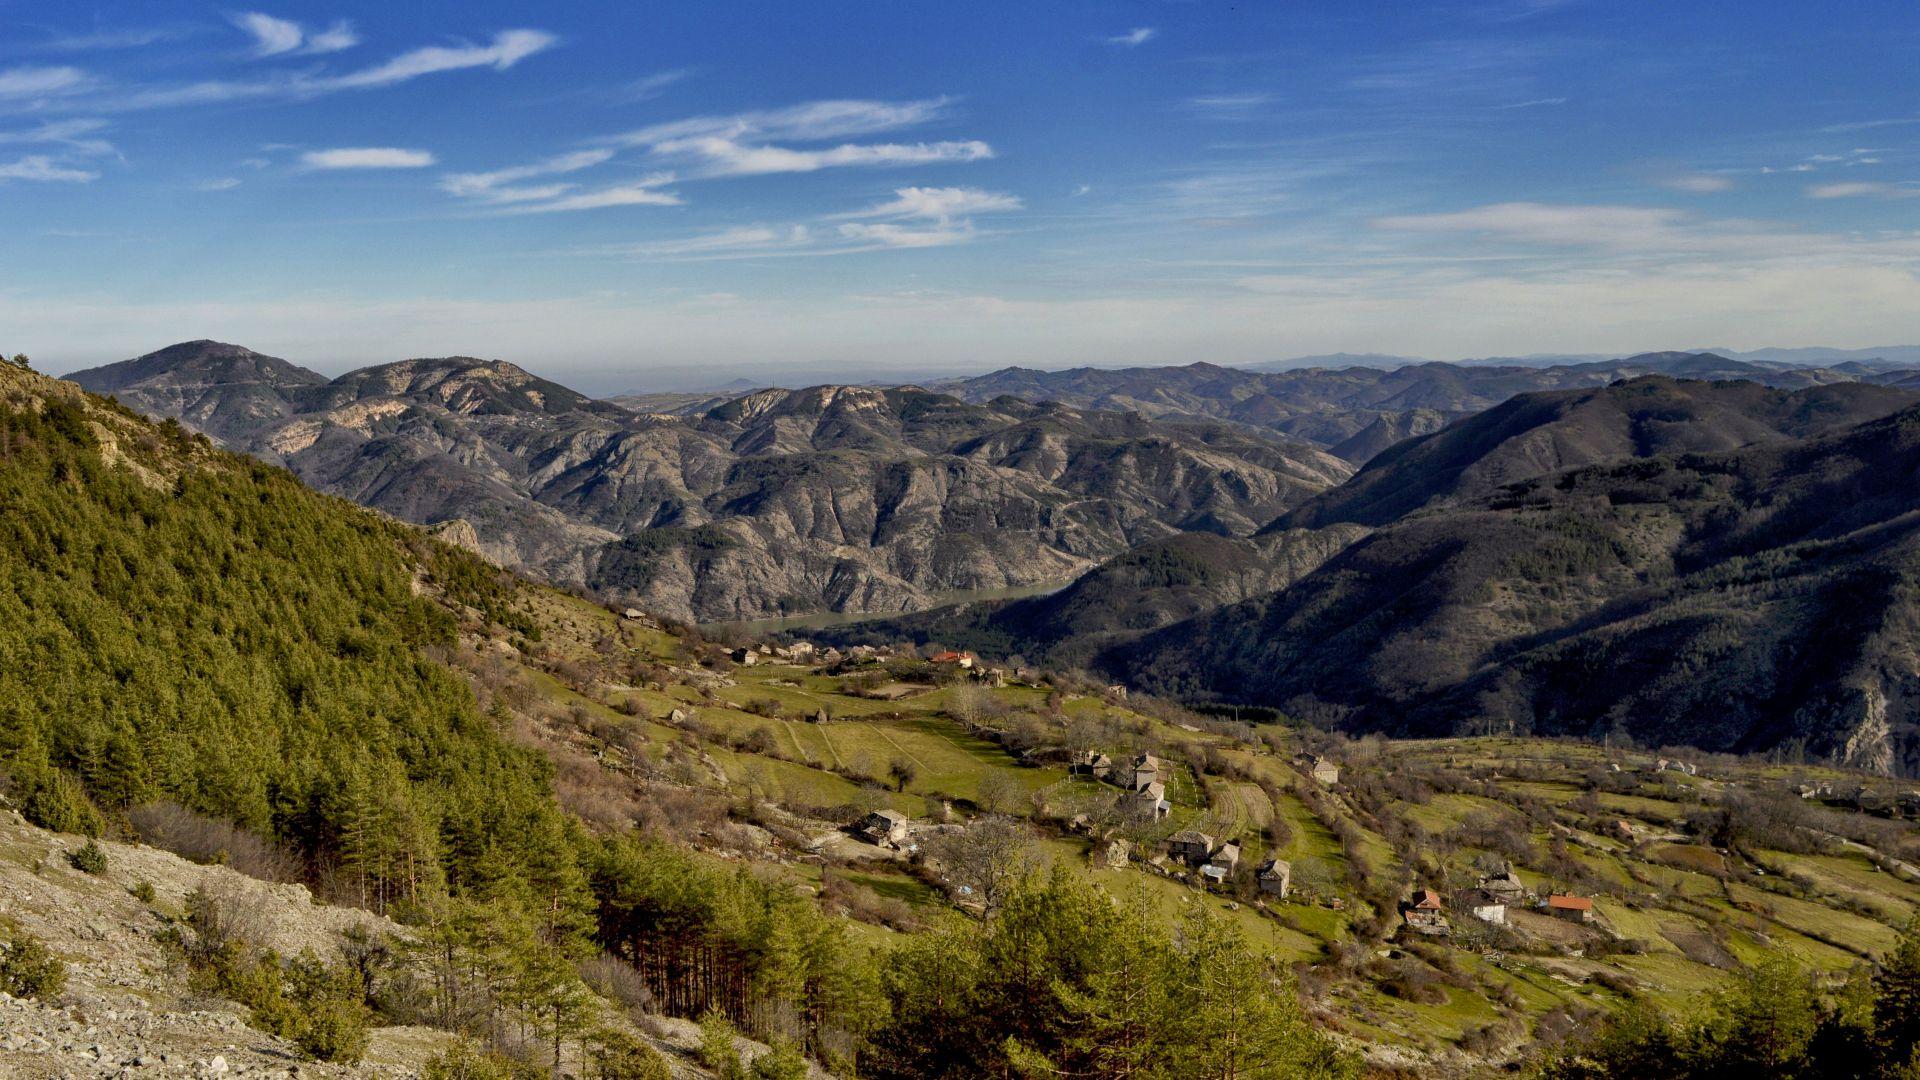 Село Безводно, погледнато от началото на изкачването